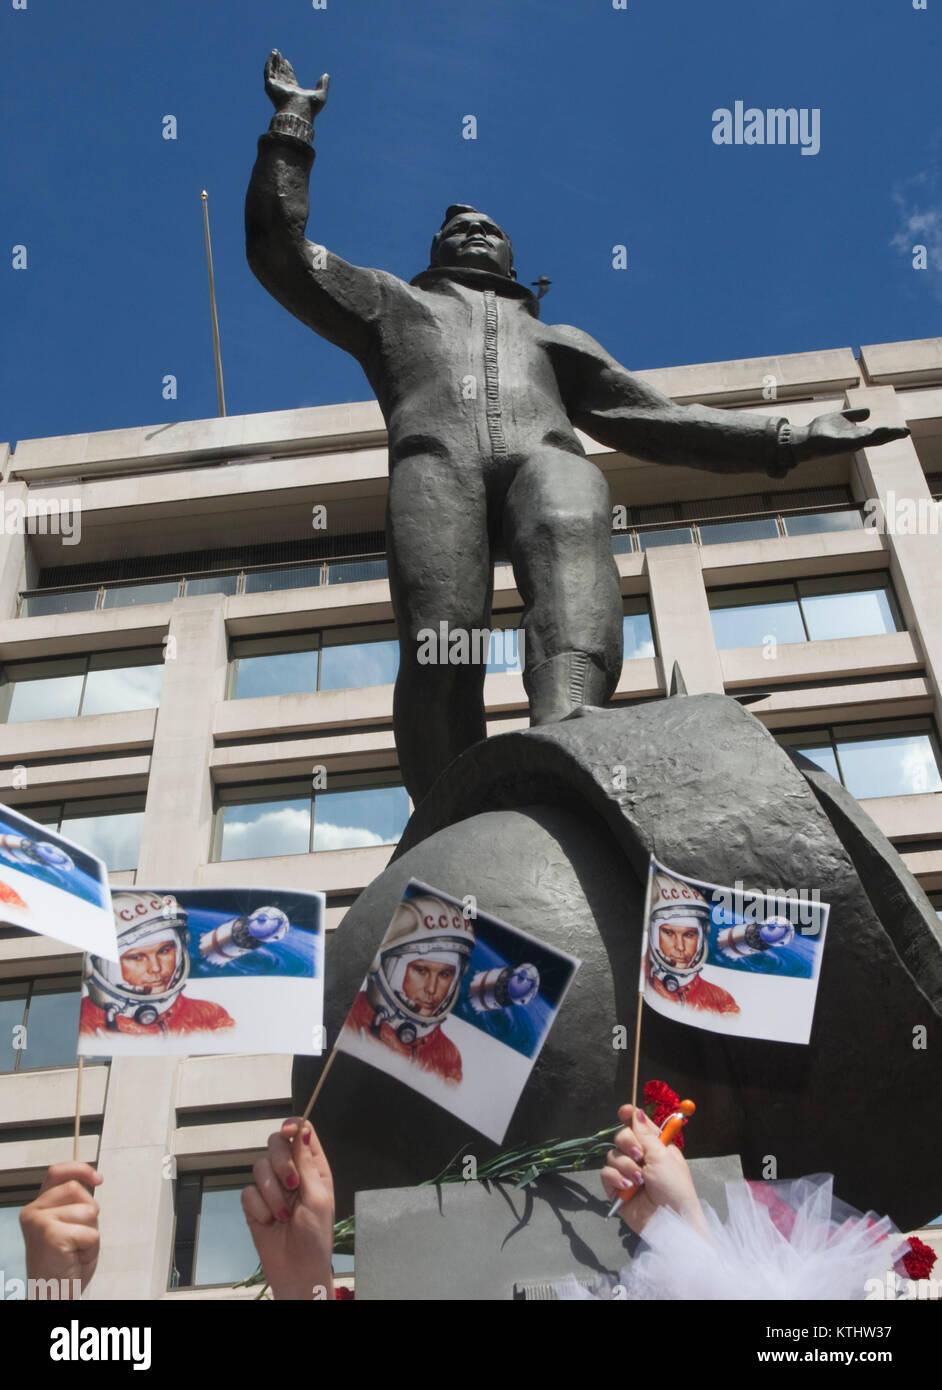 Une statue de Youri Gagarine, le premier homme dans l'espace, a été dévoilé aujourd'hui à l'extérieur du British Council's London AC dans le Mall pour marquer le 50e anniversaire du premier vol spatial habité. Aujourd'hui, 14 juillet 2011, il est exactement 50 ans jour pour jour que Gagarine a rencontré la reine dans le cadre de sa visite au Royaume-Uni en 1961. Le dévoilement de la statue a été réalisée par le cosmonaute Elena Gagarina, fille du directeur de la maintenant des musées du Kremlin de Moscou et SAR le Prince Michael de Kent. La statue sera installée dans le centre commercial pour une période de 12 mois. Banque D'Images